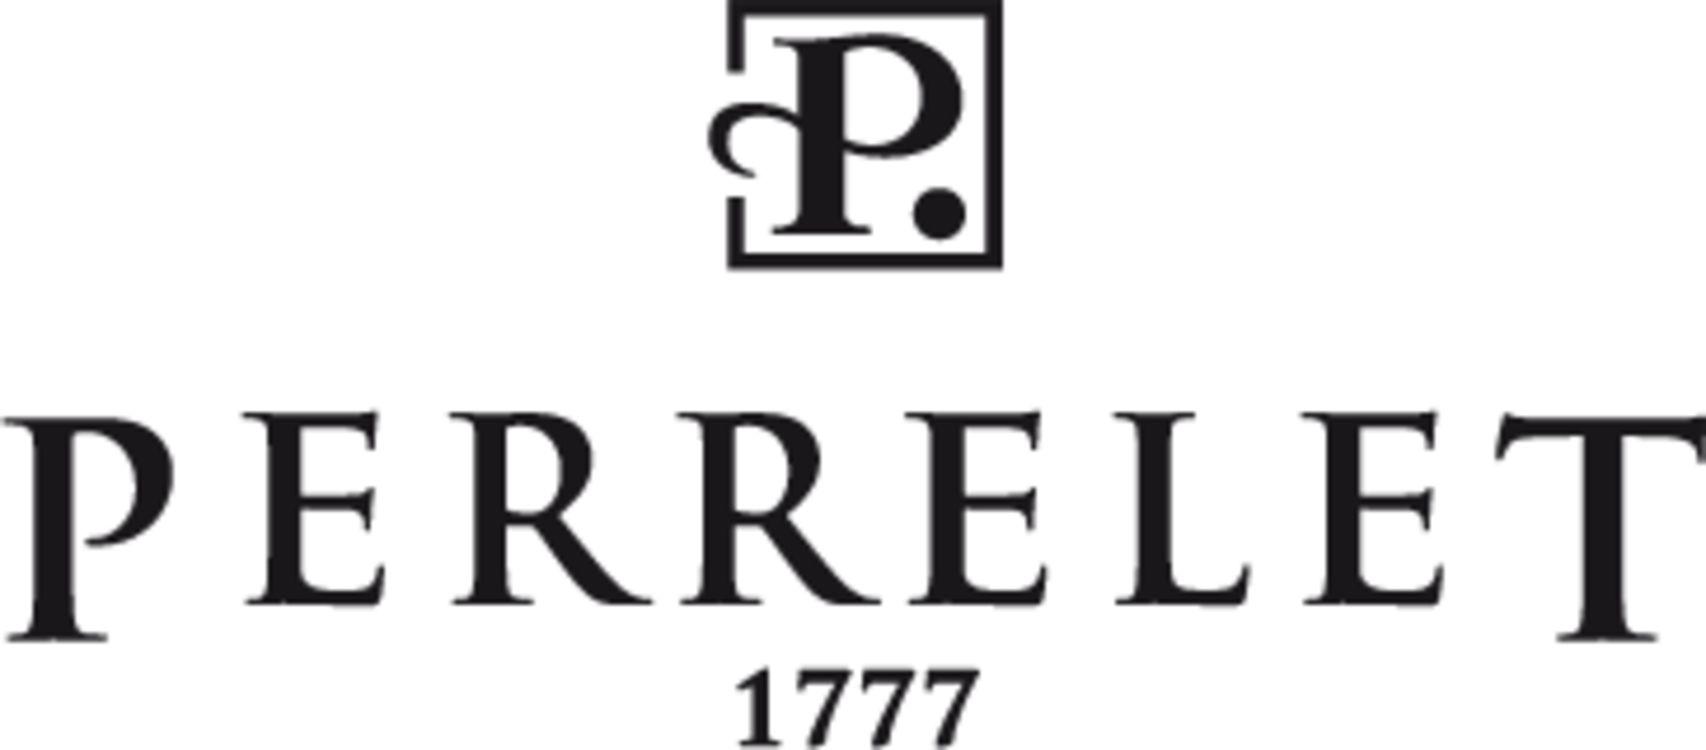 PERRELET